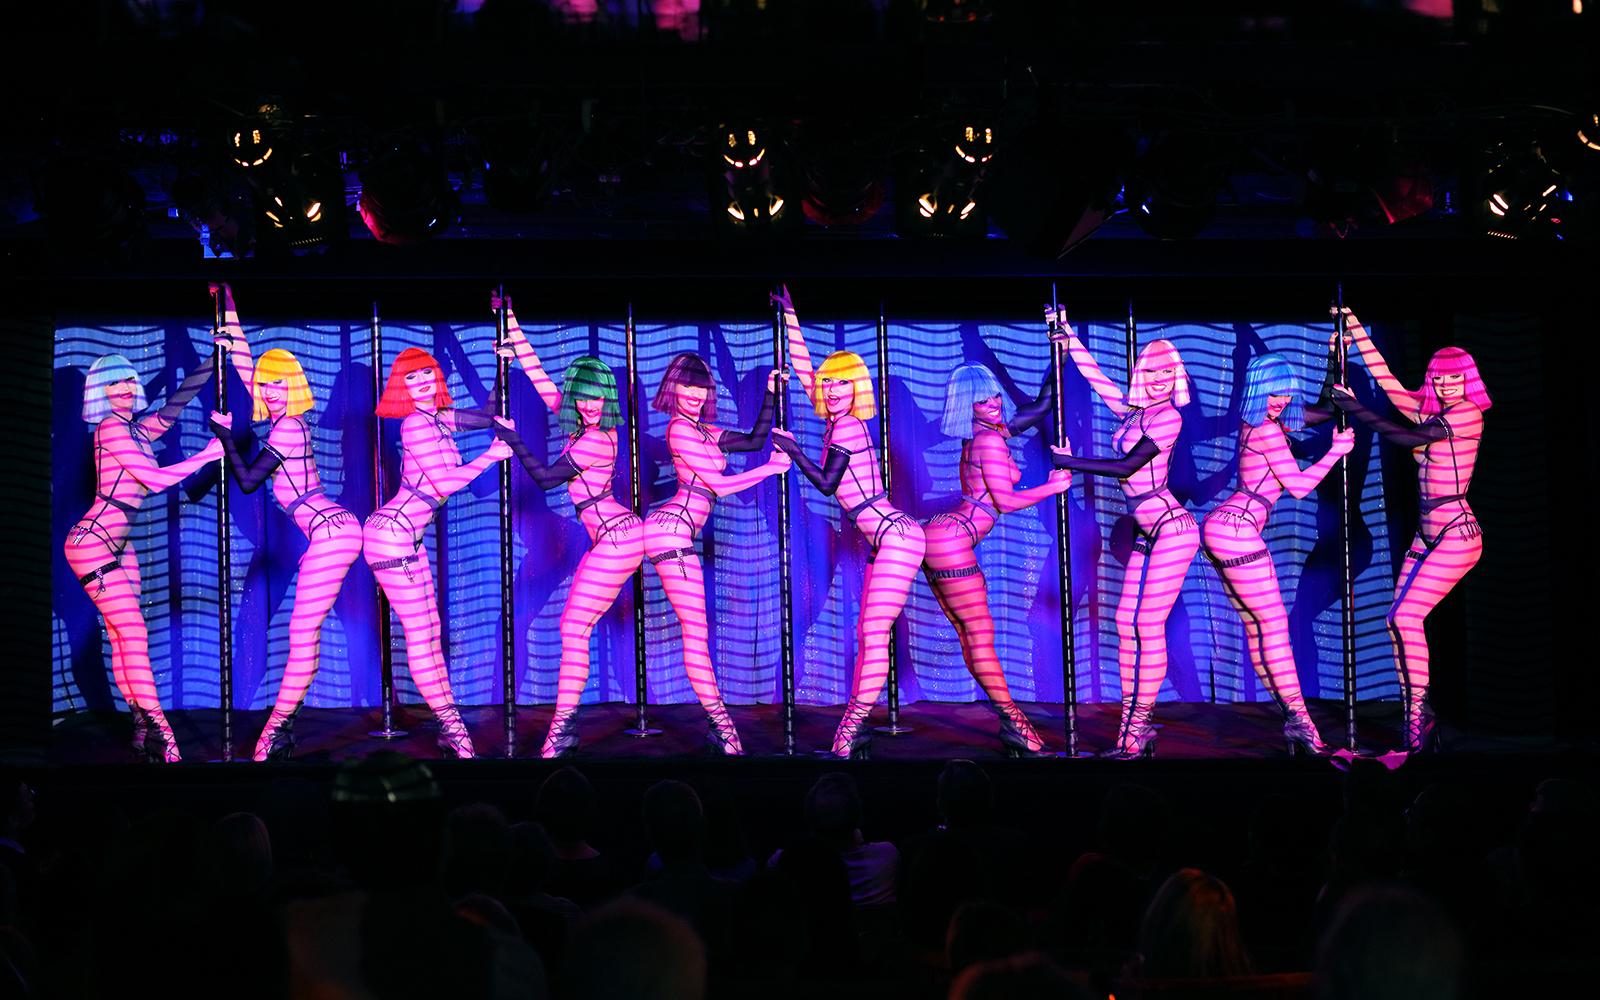 Le Crazy Horse Paris - Forever Crazy show photo-call